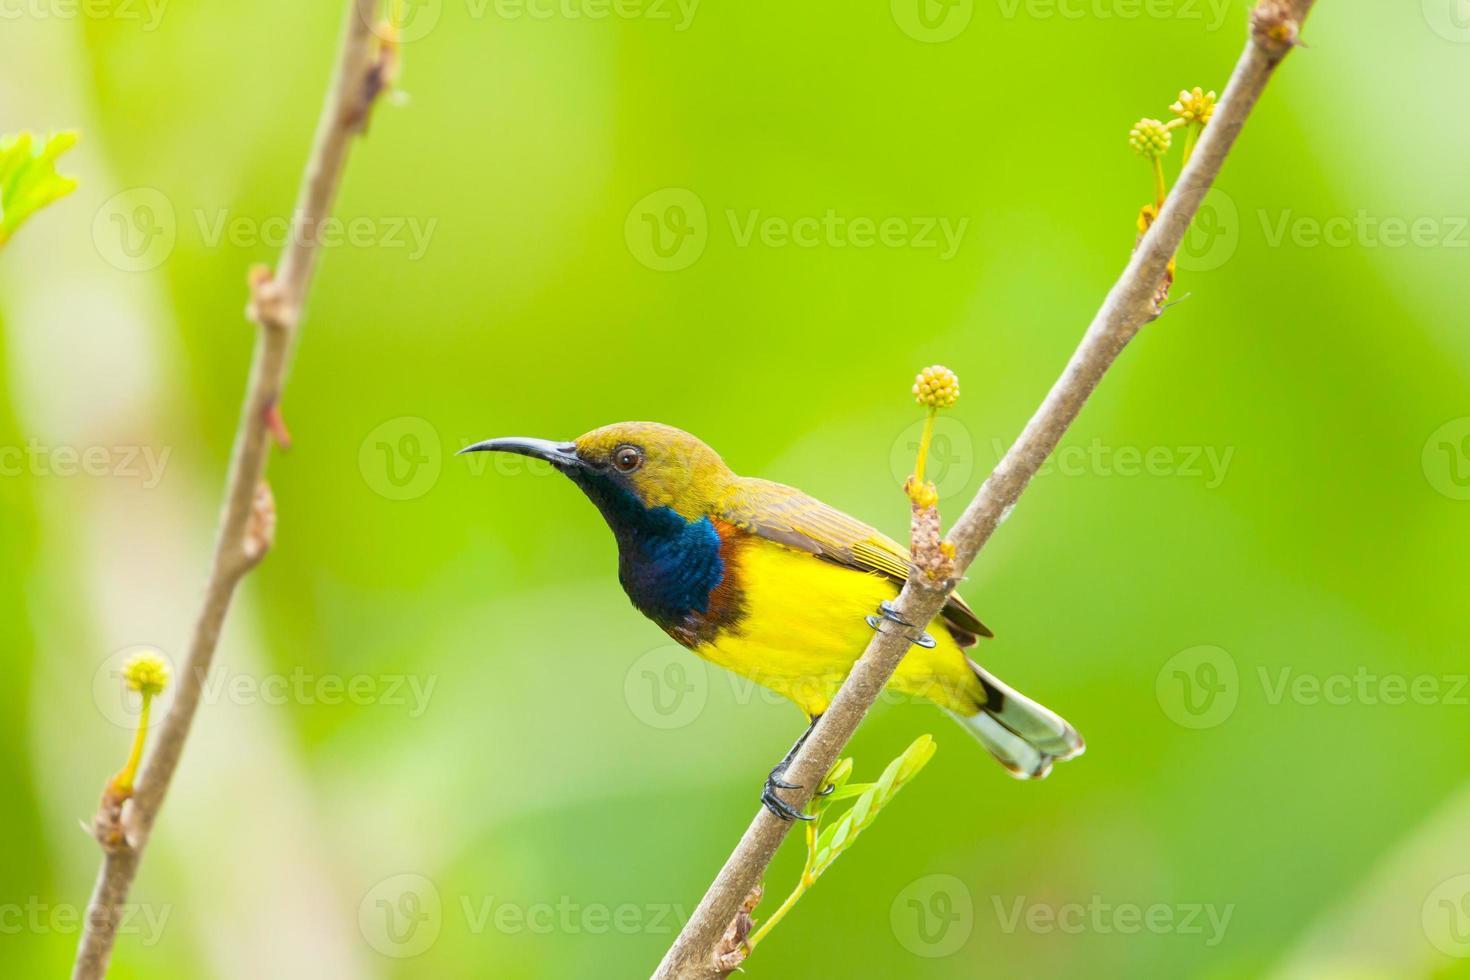 mannelijke sunbird met olijfkleurige rug foto